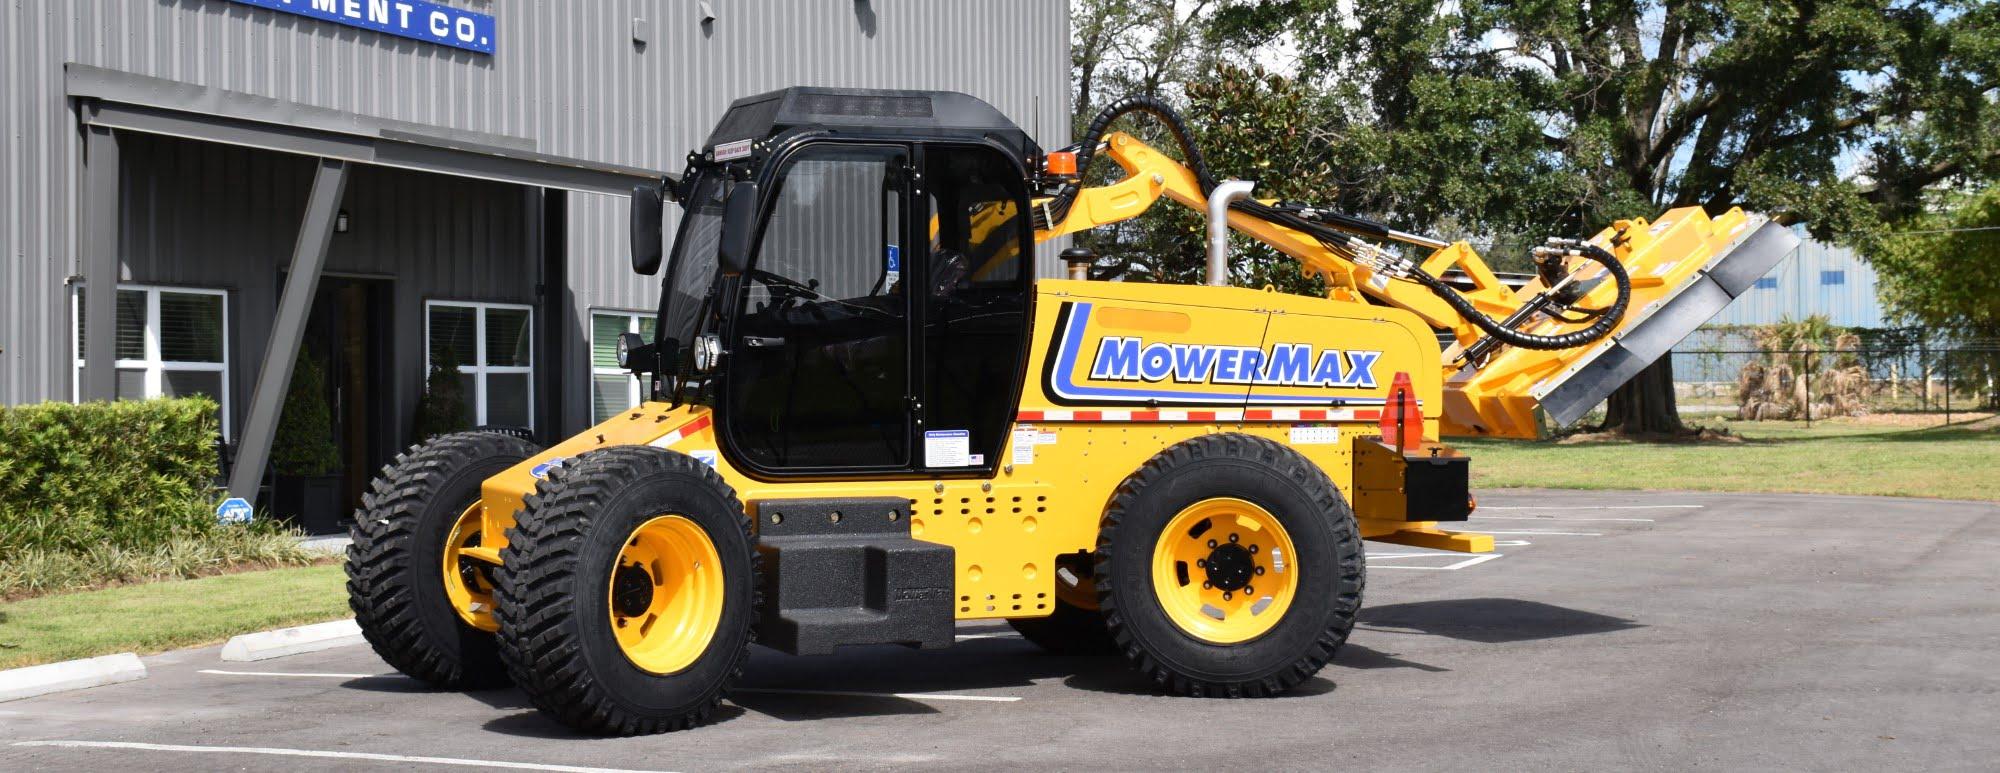 Mowermax Boom mower Slope mower Long arm mower Side boom mower Side arm mower Alamo boom mower Tiger boom mower Diamond boom mower Purpose built boom mower Tractor boom mower